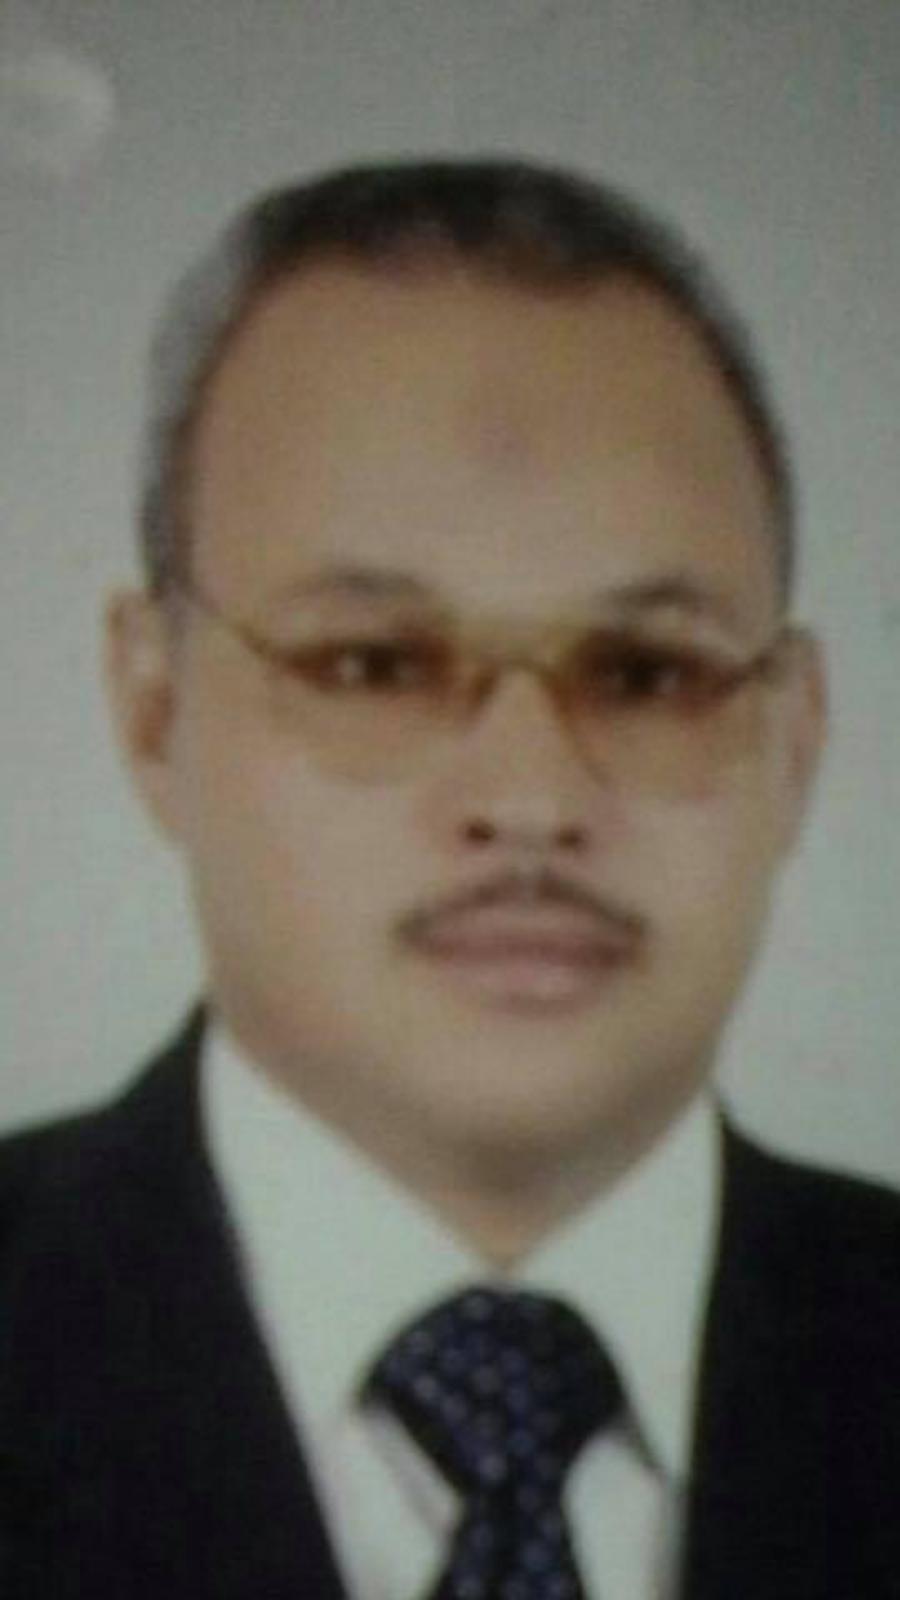 Azzouz Mahjoub